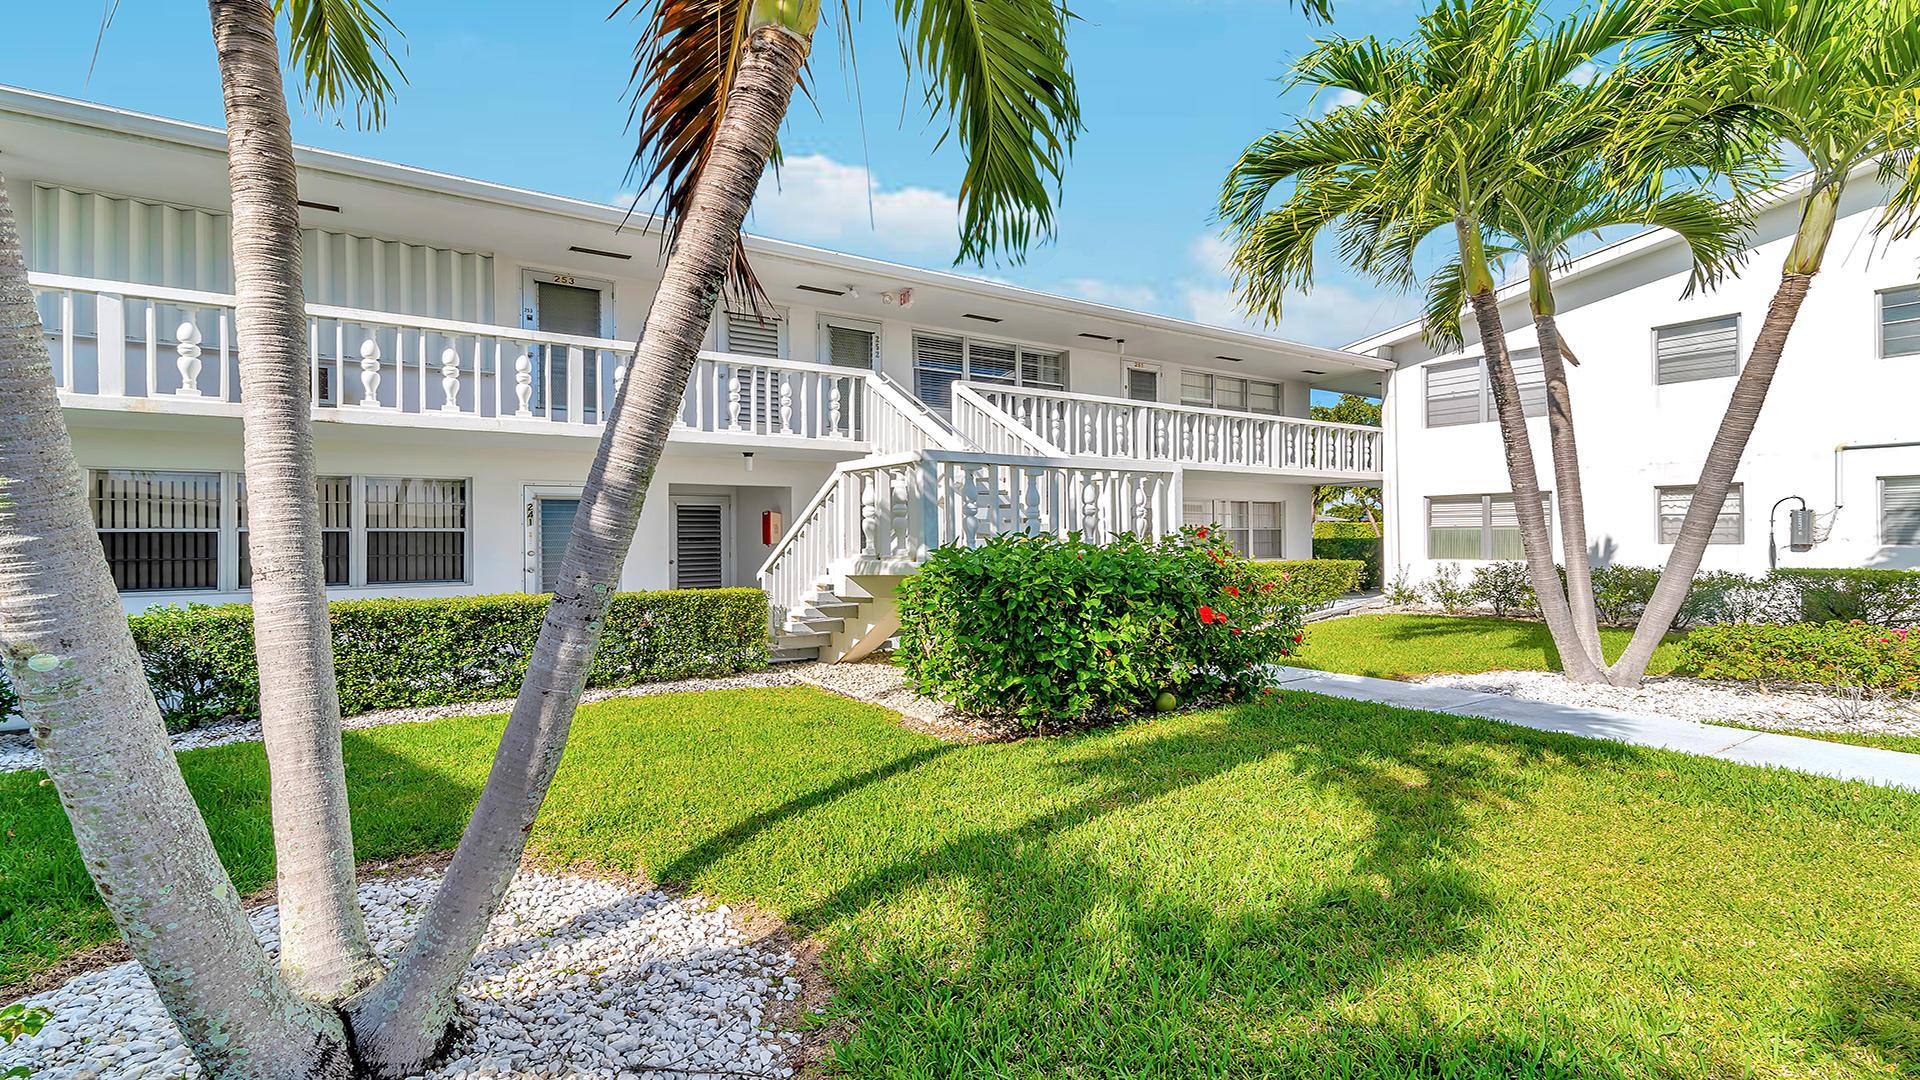 256 Andover J 256 West Palm Beach, FL 33417